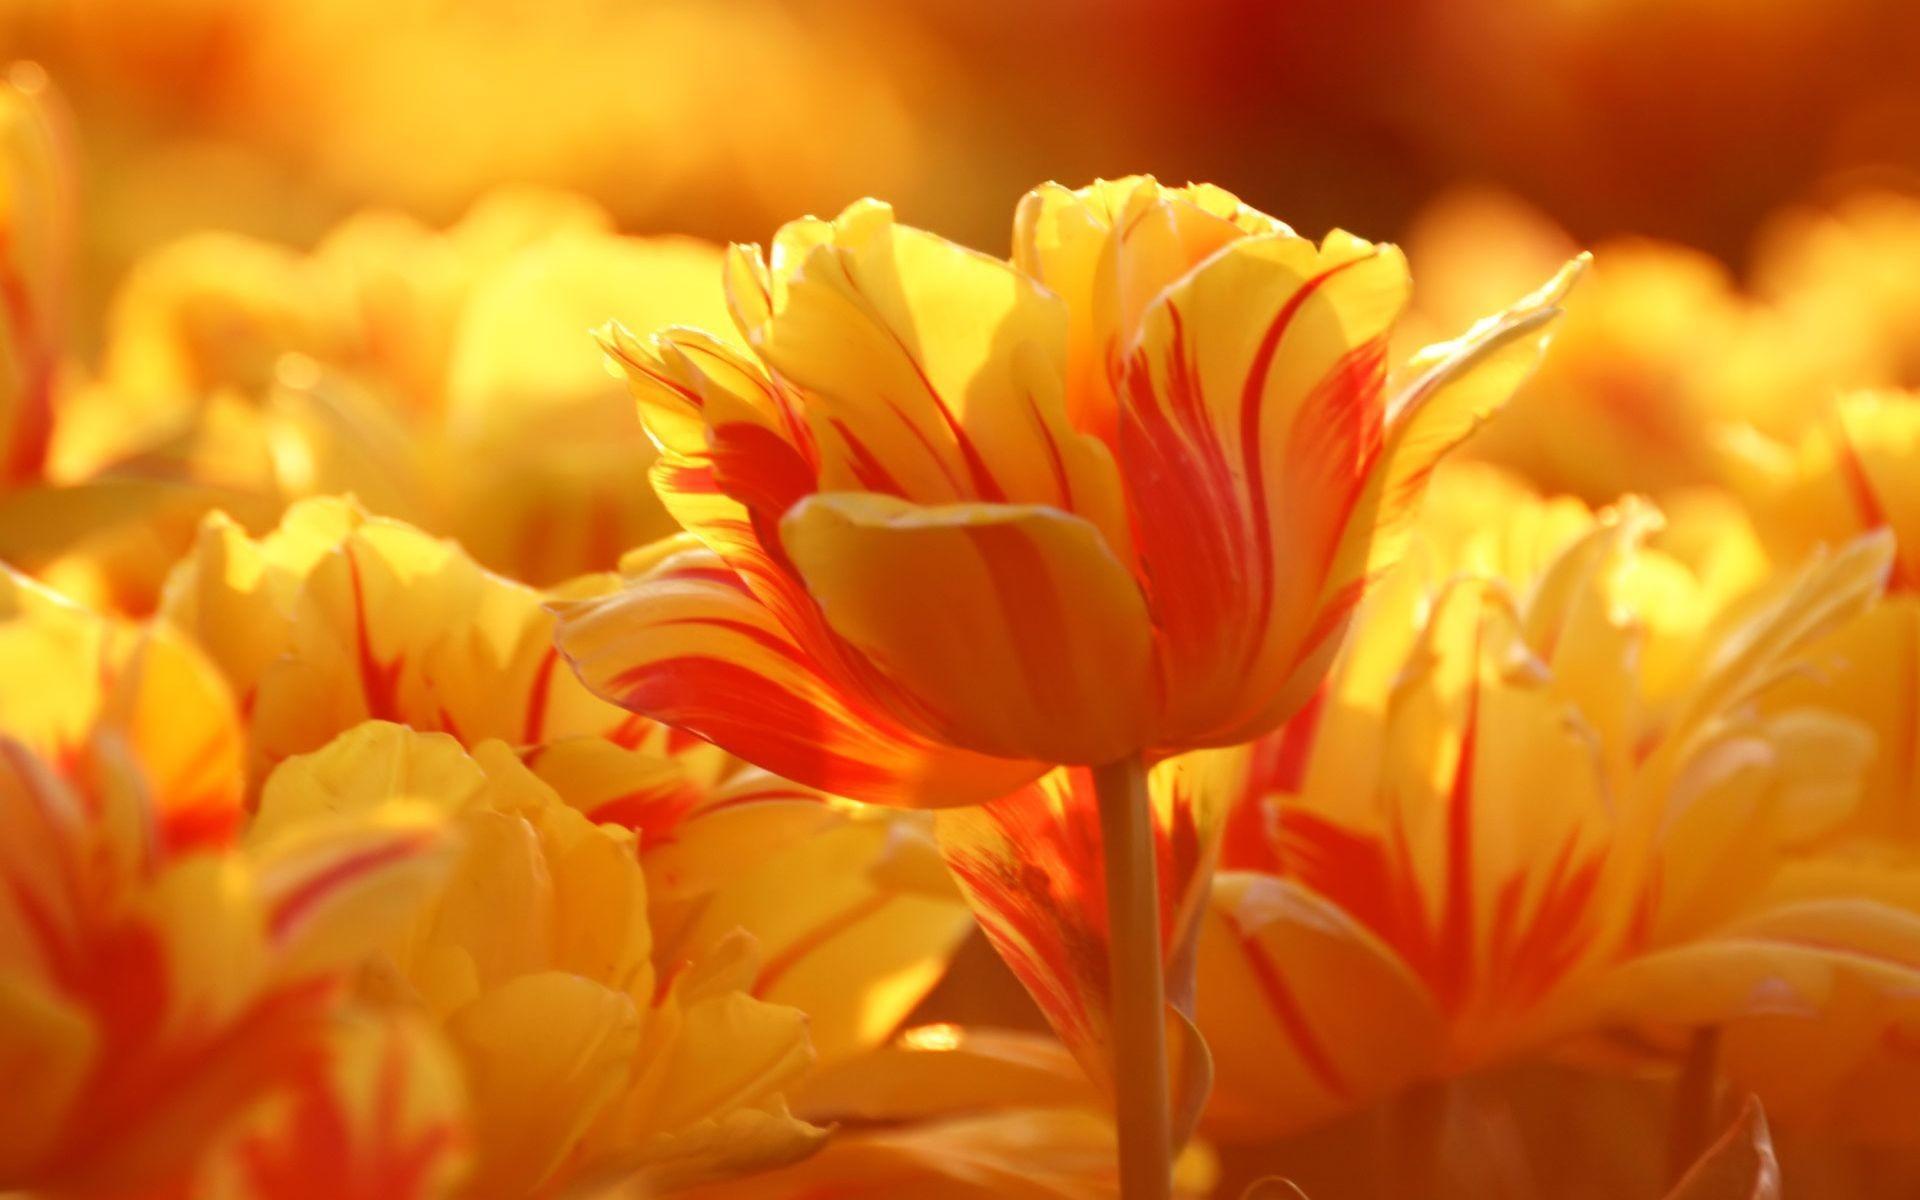 Hình nền màu vàng, đóa hoa rực rỡ